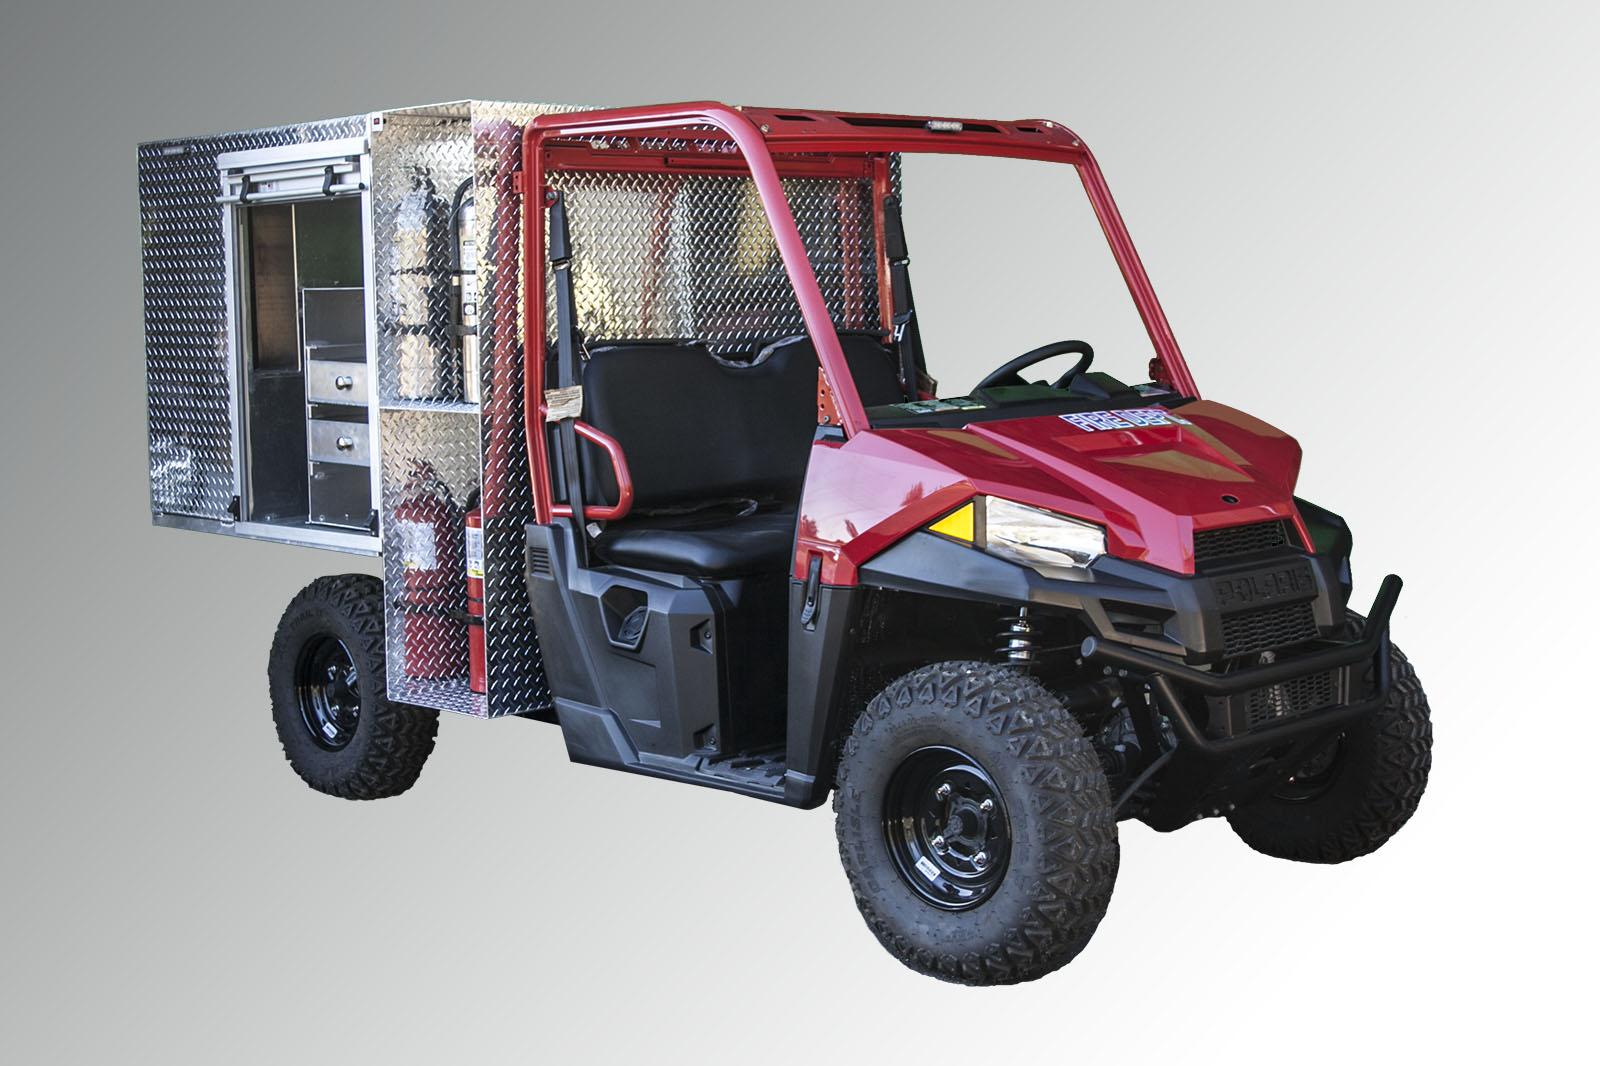 Emergency Vehicles Image